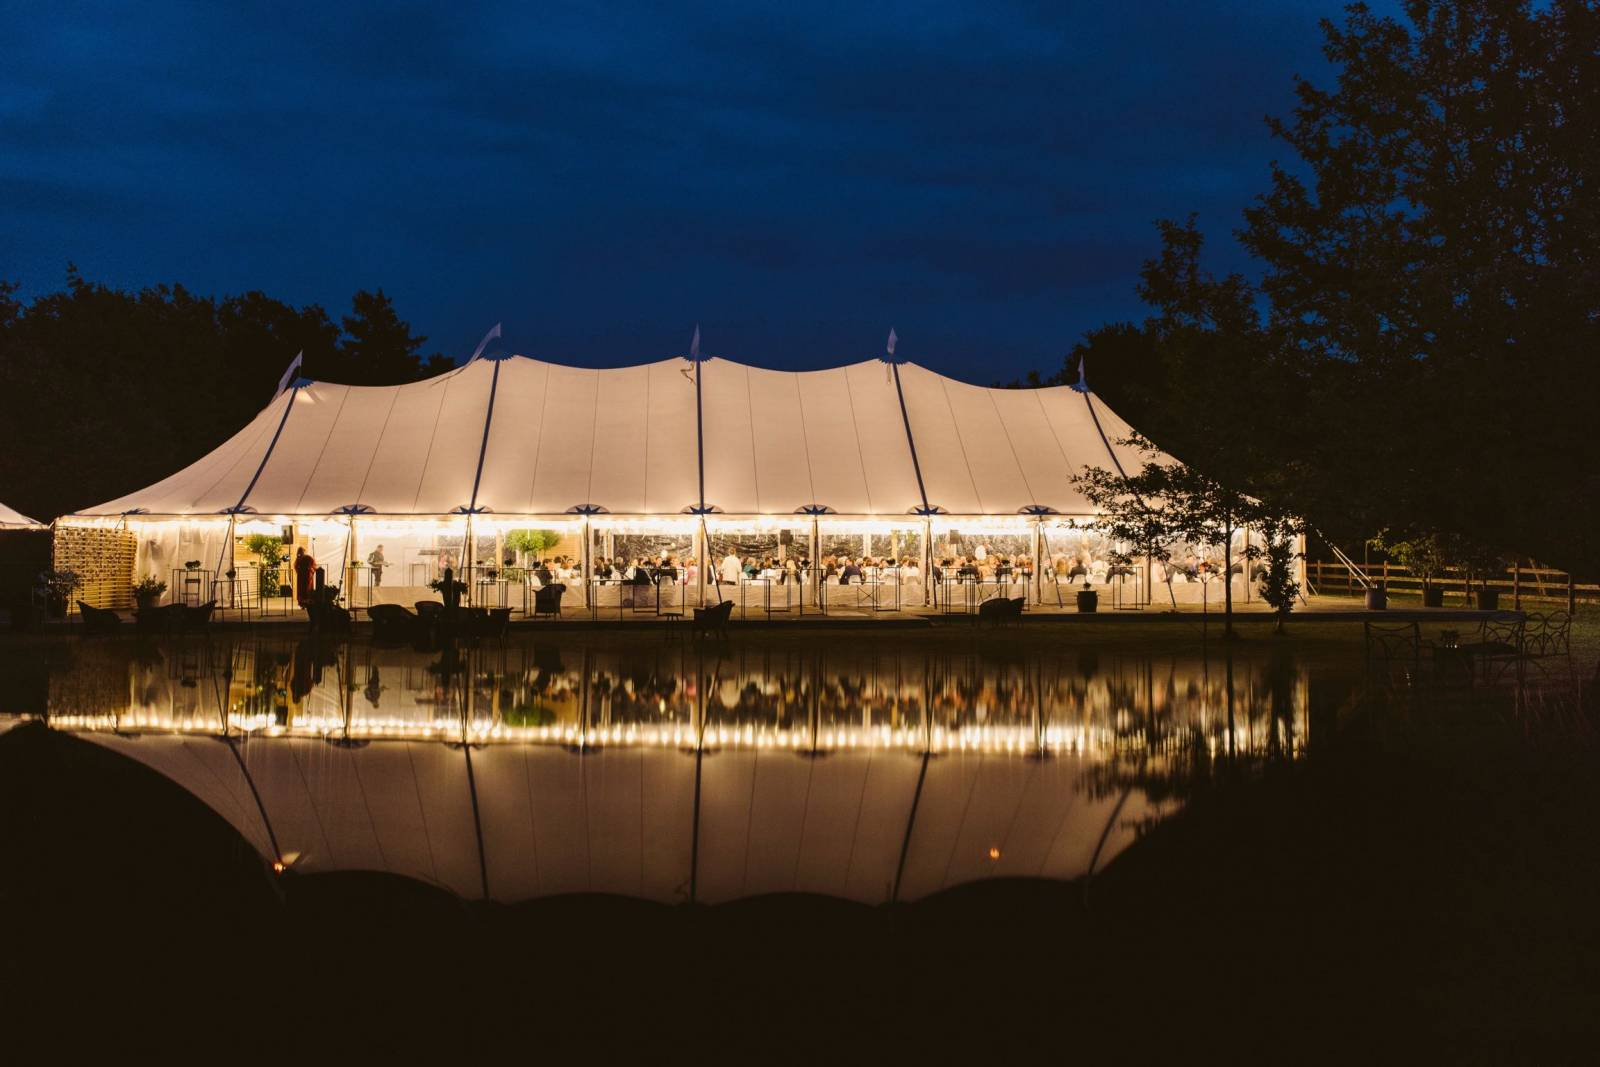 Altiro Tenten - Wedding Tent - Feesttent - Huwelijk trouw bruiloft - House of Weddings - 11